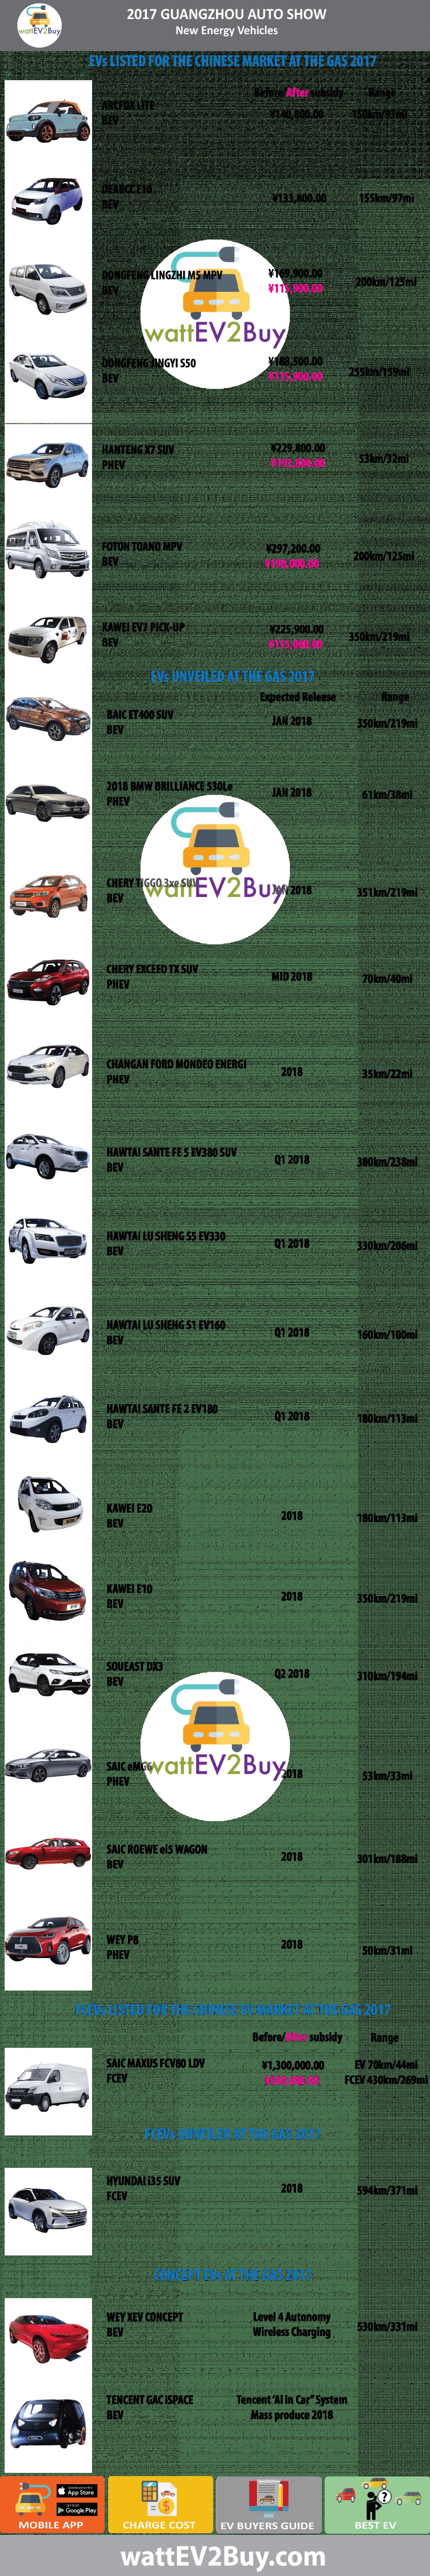 EVs at Guangzhou Auto Show 2017